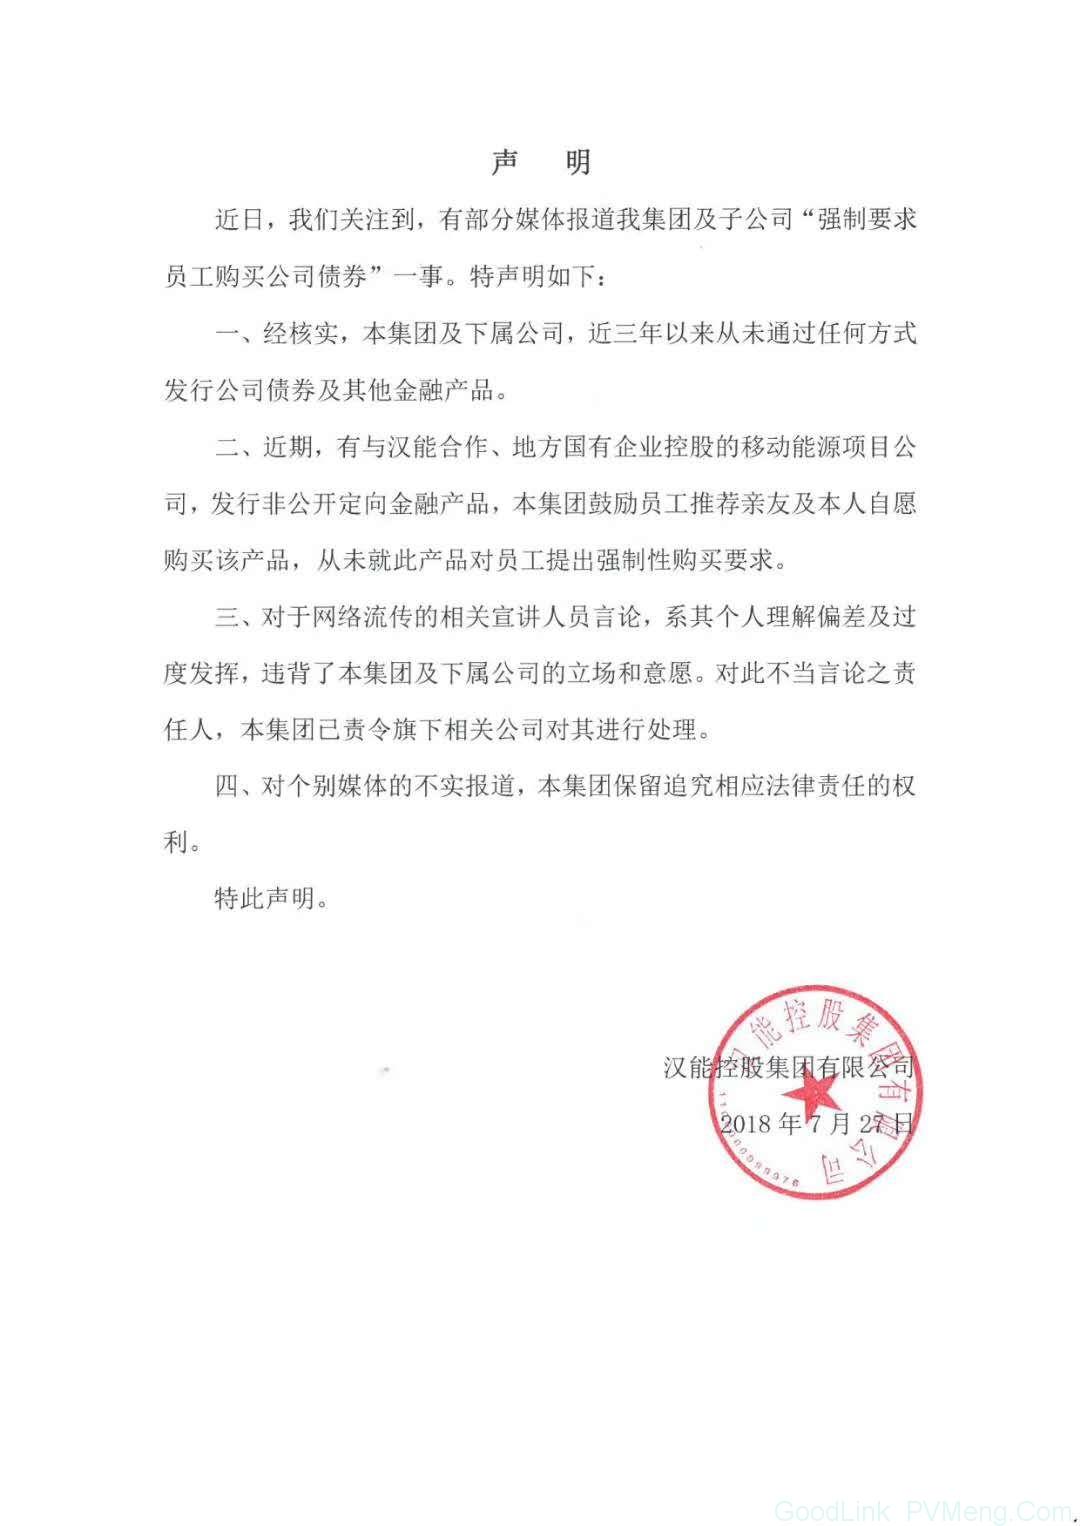 """汉能控股集团有限公司-关于""""强制要求员工购买公司债券""""最新声明"""